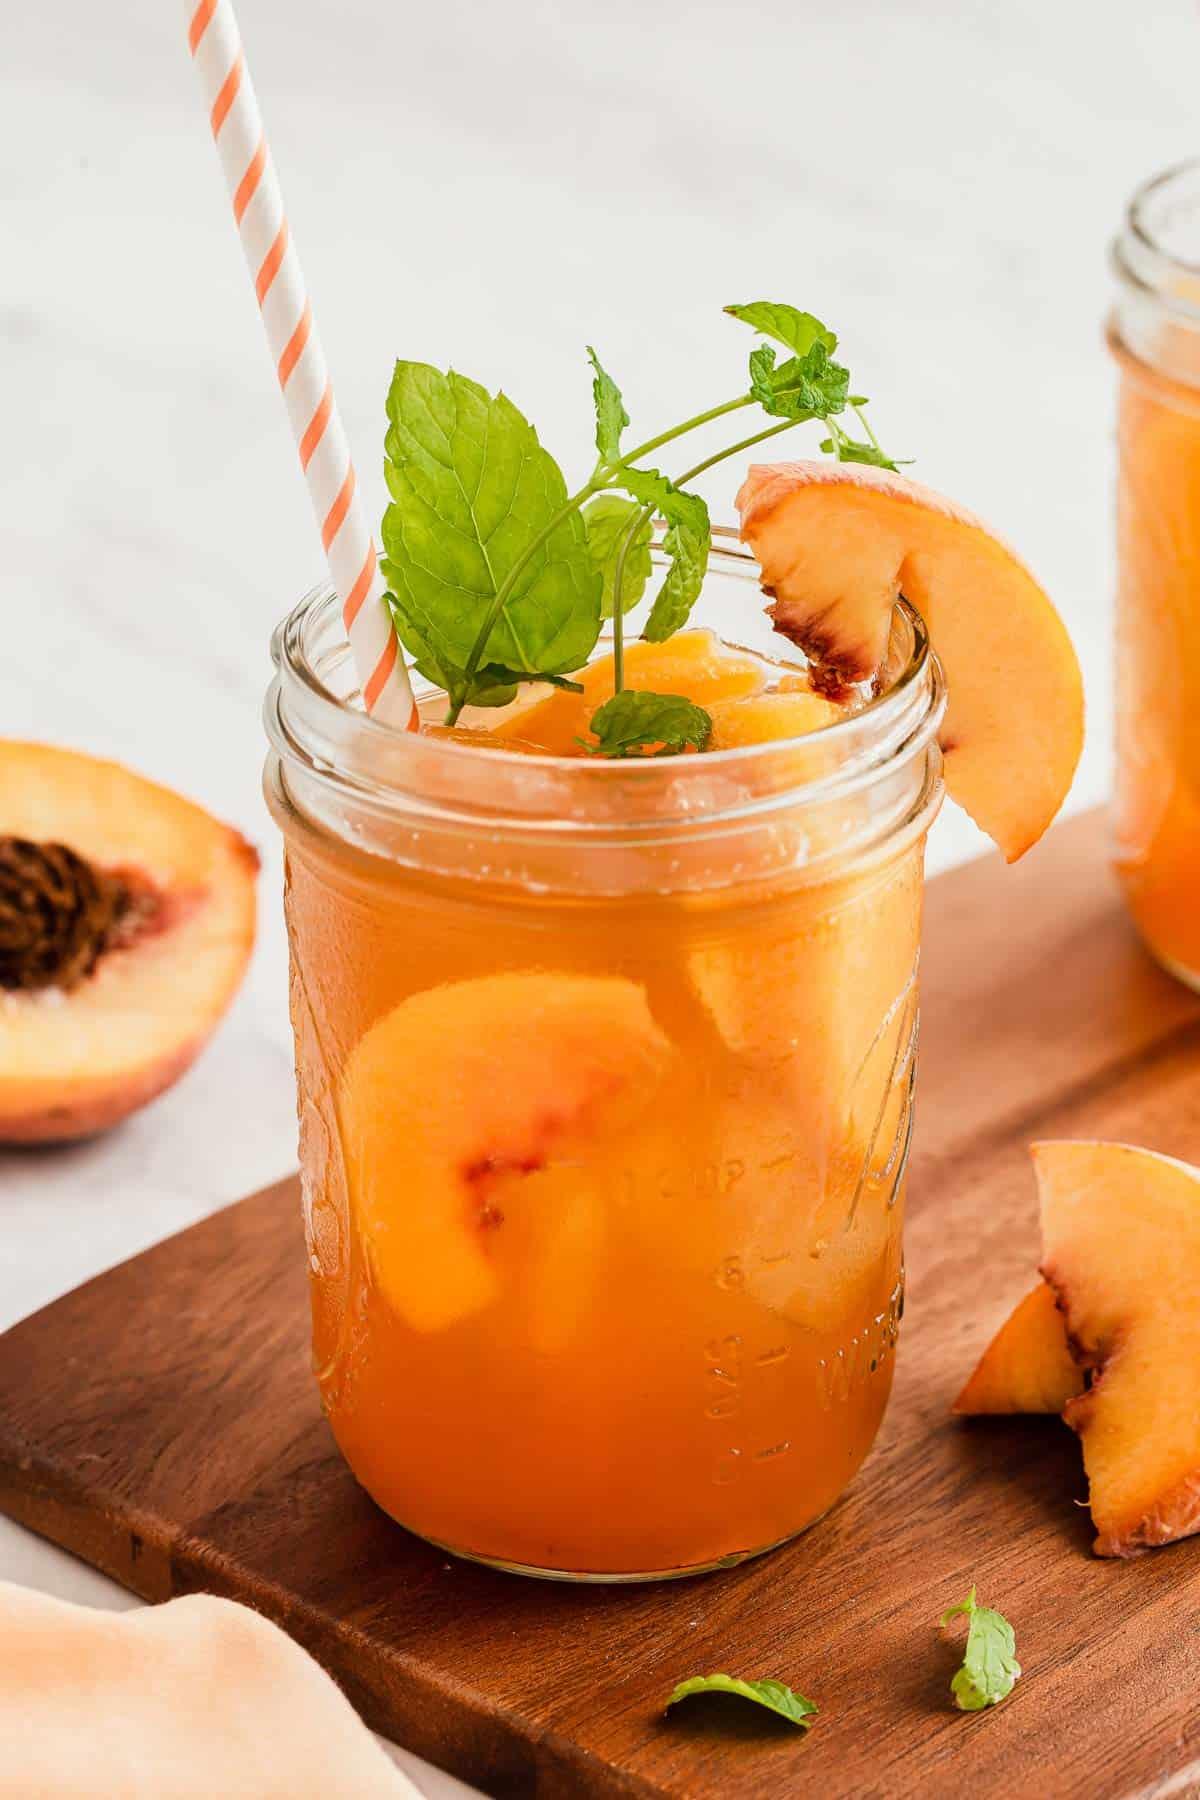 Mason jar of peach iced tea with fresh mint sprig.